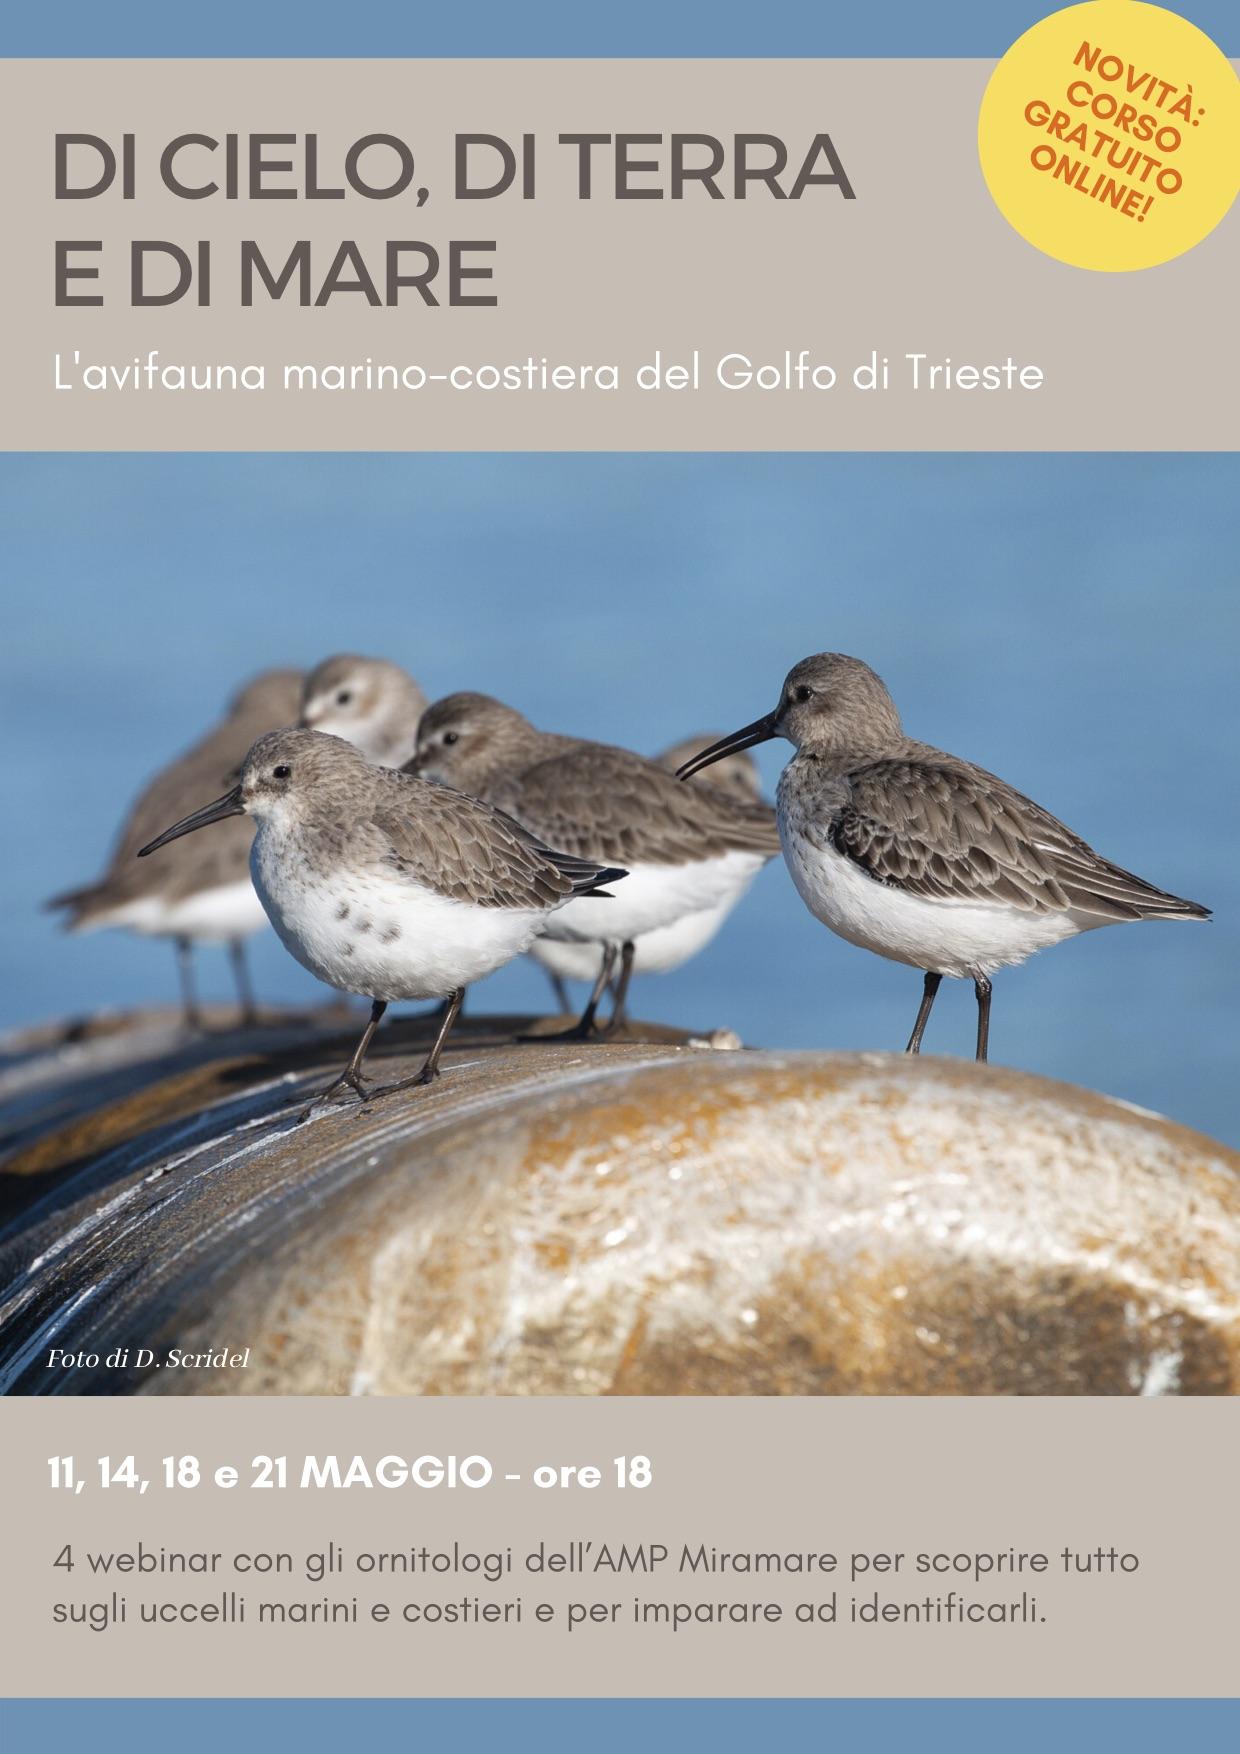 Locandina avifauna